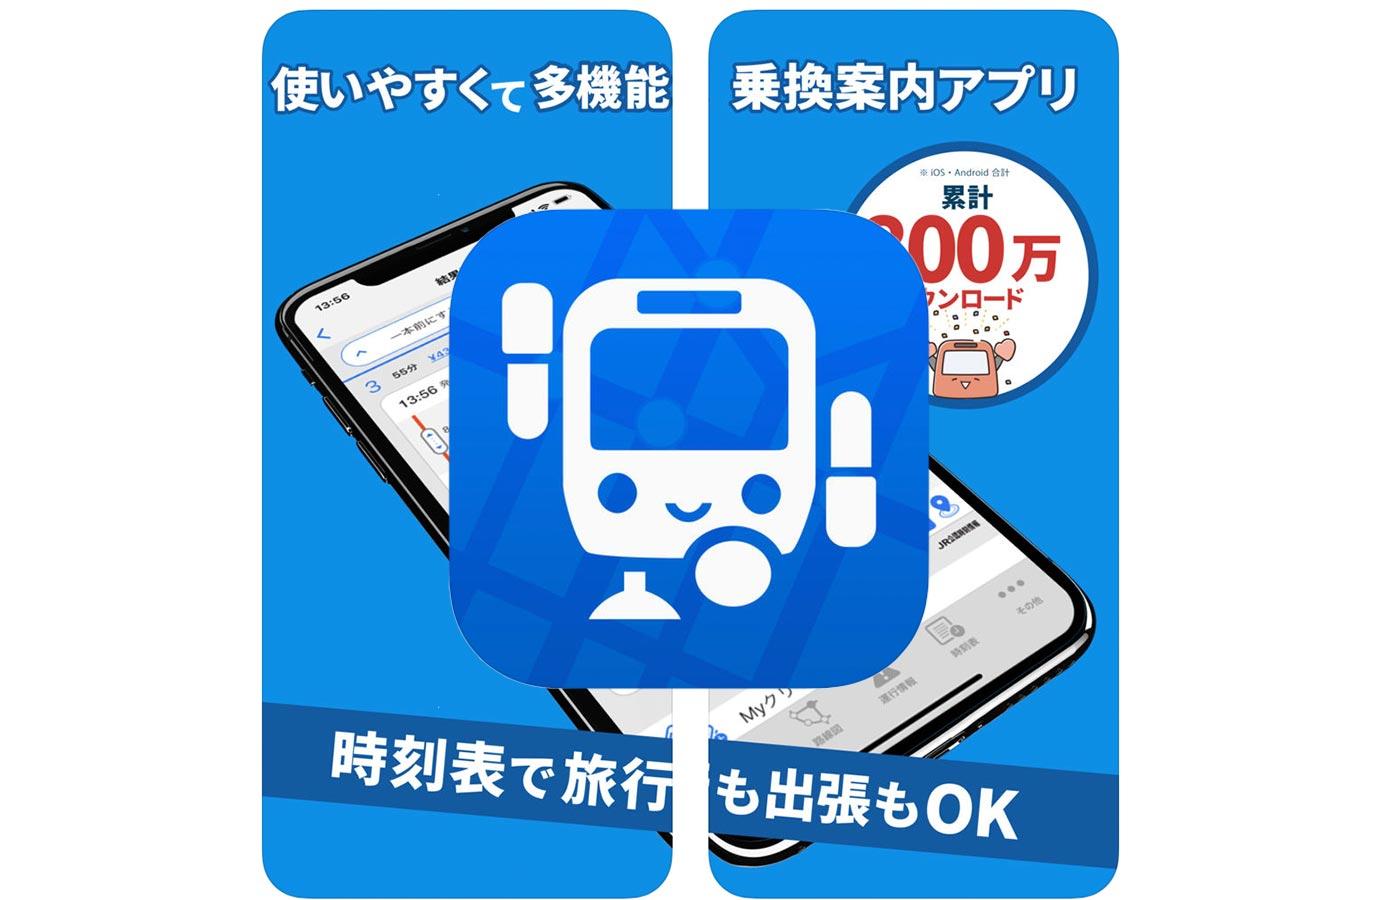 iOSアプリ「駅すぱあと」がアップデート、iMessageでの経路共有に対応